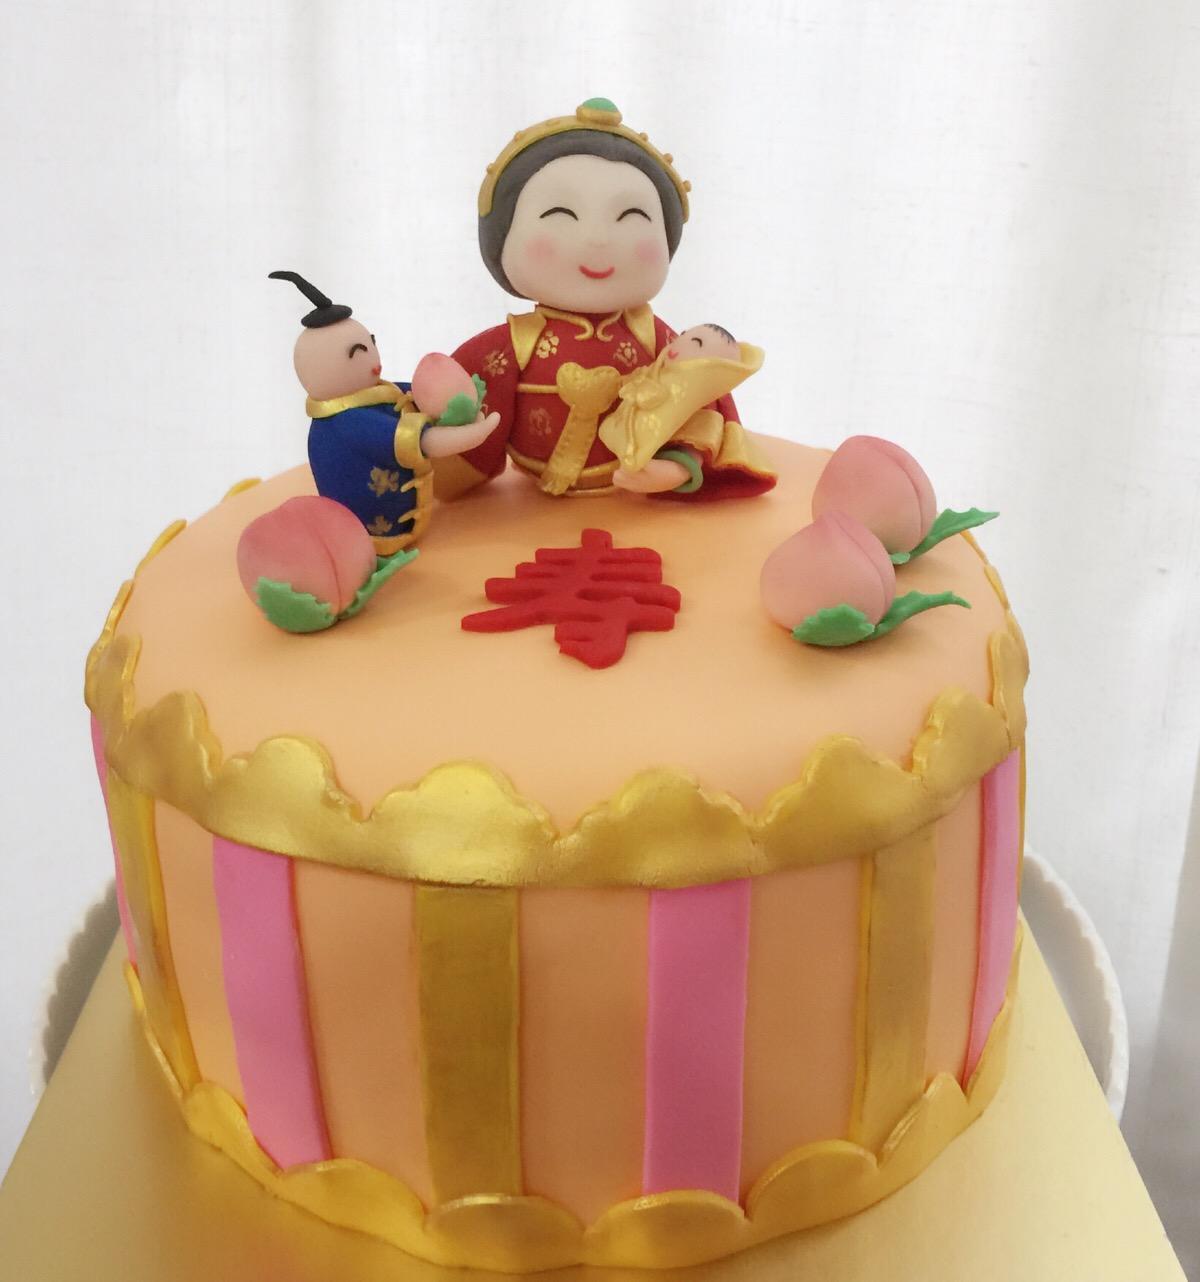 祝奶奶生日快乐! 福如东海 寿比南山